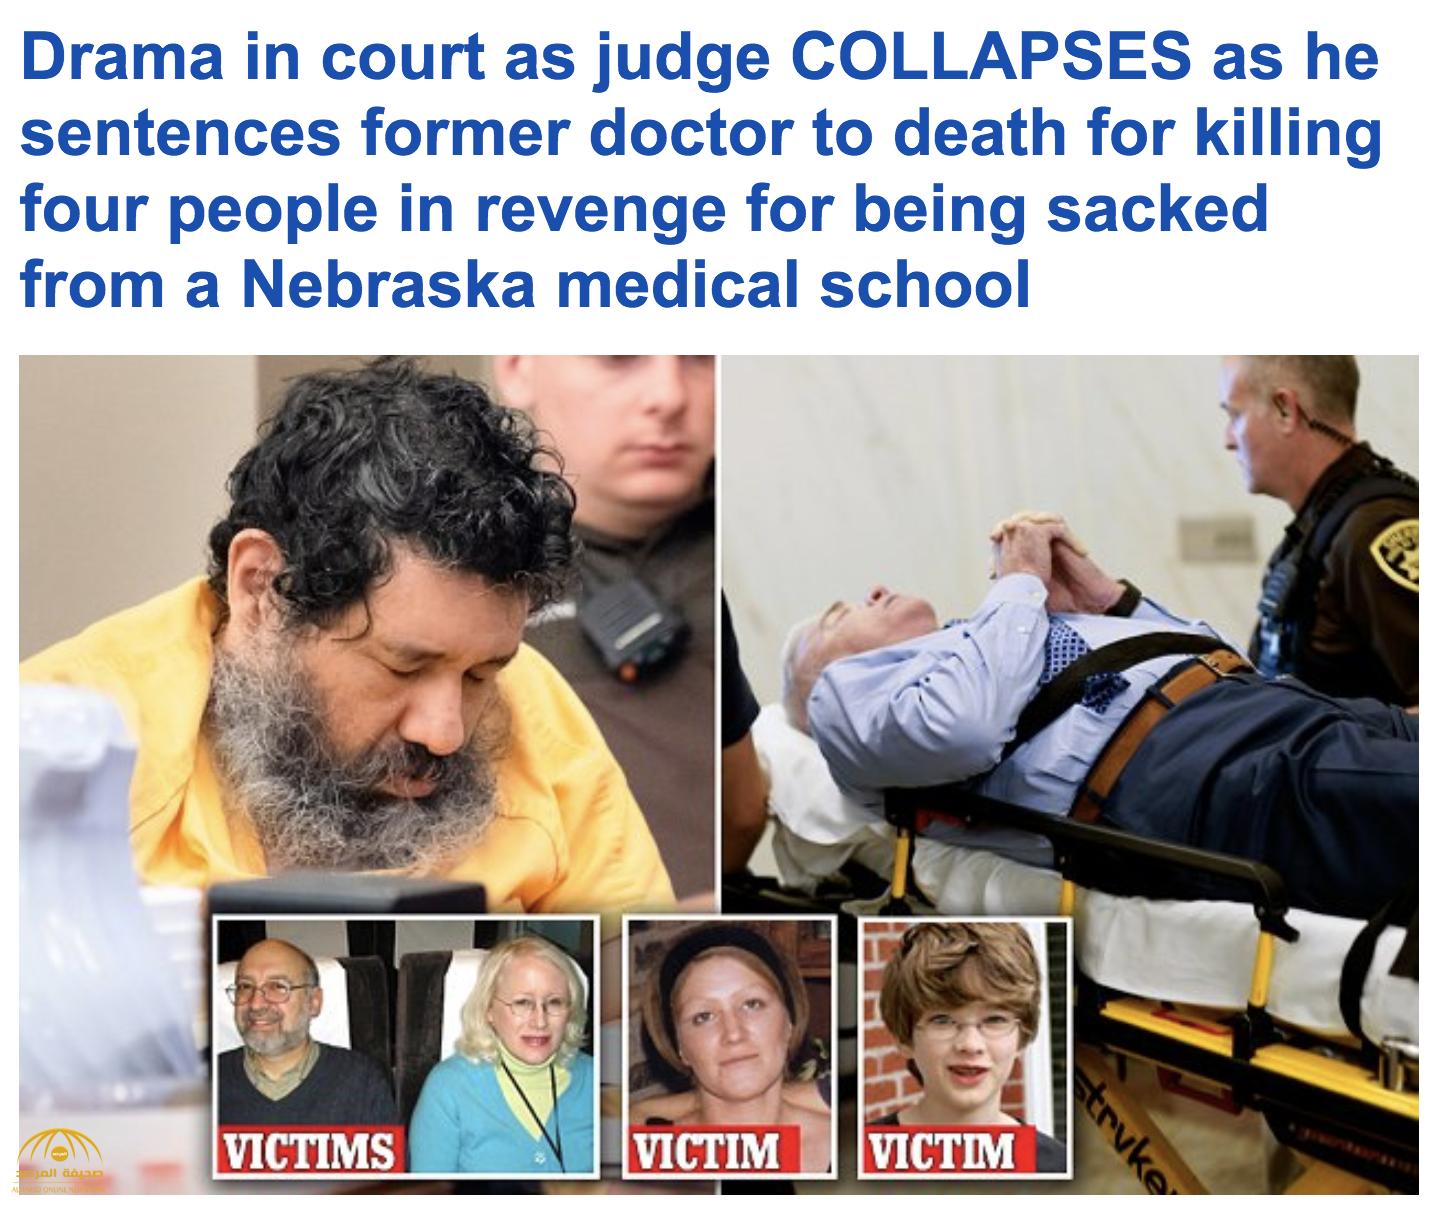 """محكمة أمريكية تسدل الستار على قضية """"الطبيب القاتل"""" بعد اكتشاف وقائع مختلفة.. وهذا هو مصيره!"""